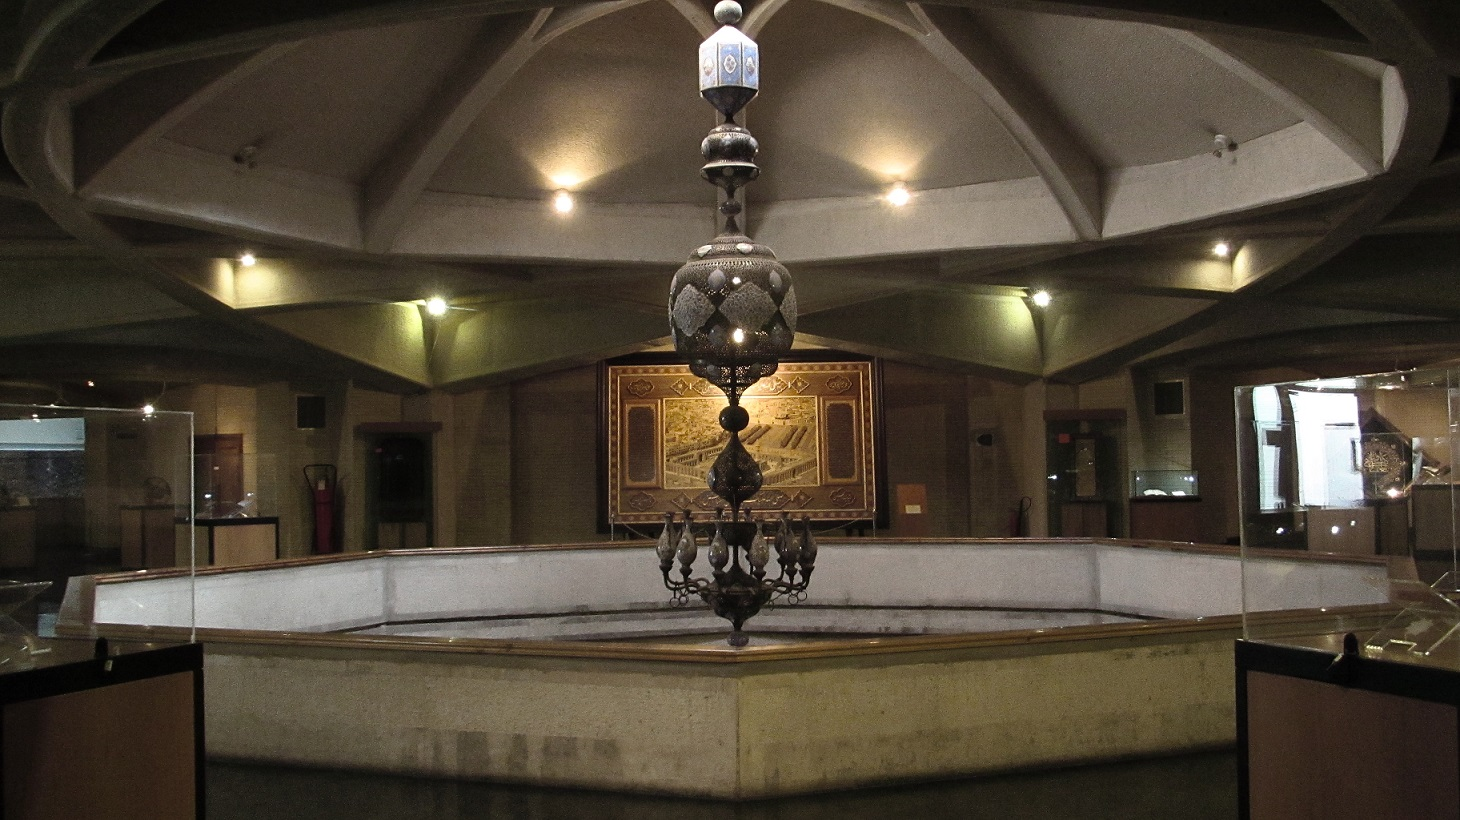 تهران گردی، موزه ملی قرآن تهران